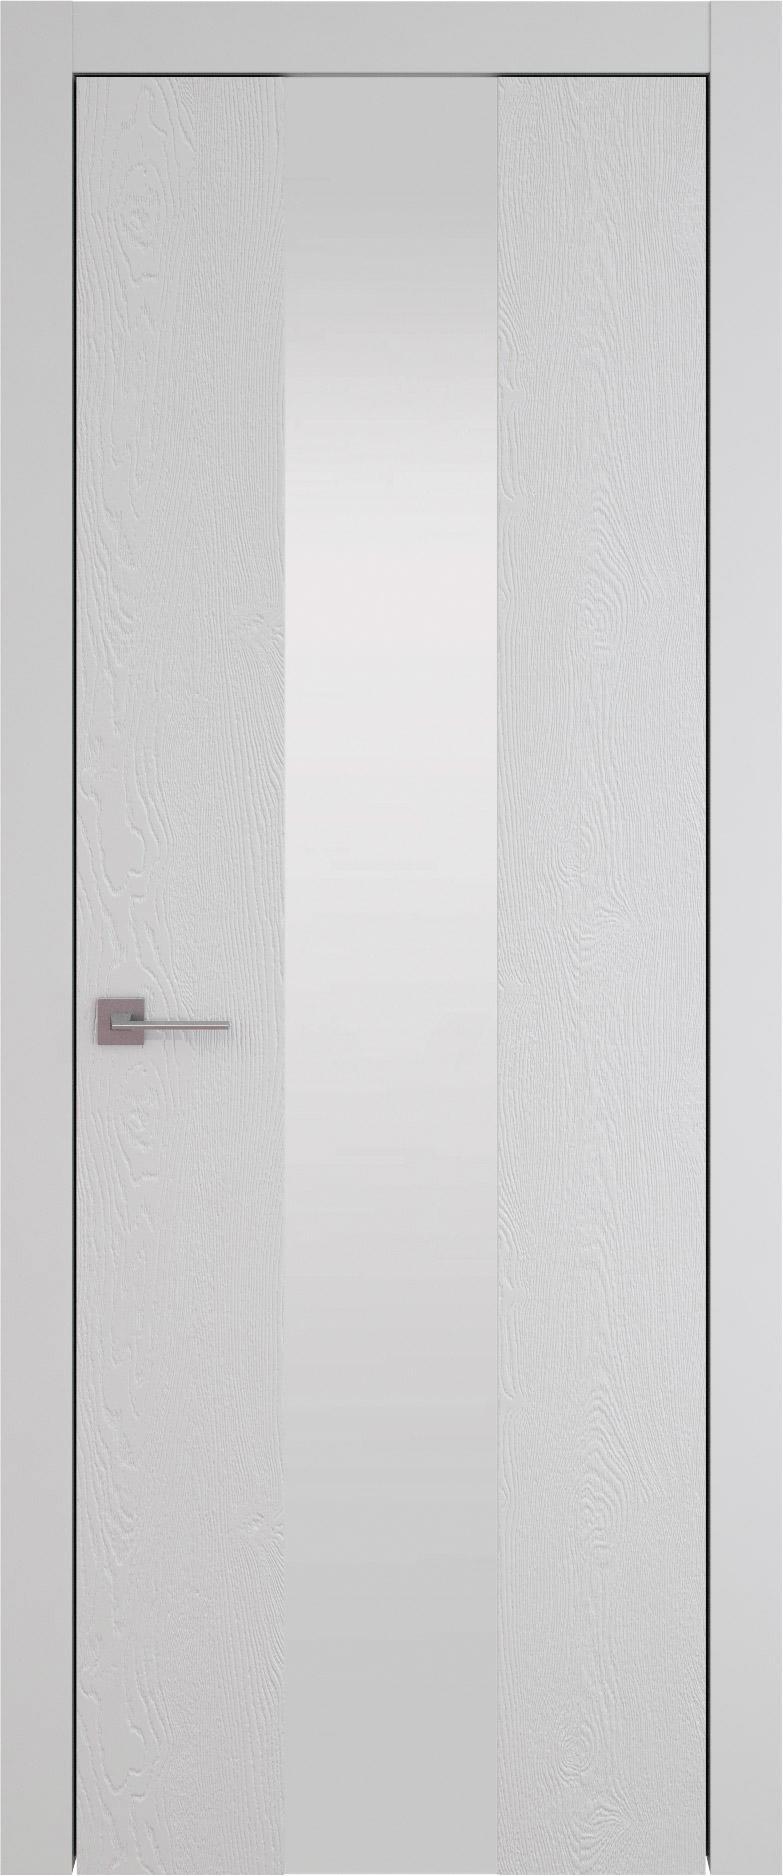 Tivoli Ж-1 цвет - Серая эмаль по шпону (RAL 7047) Со стеклом (ДО)